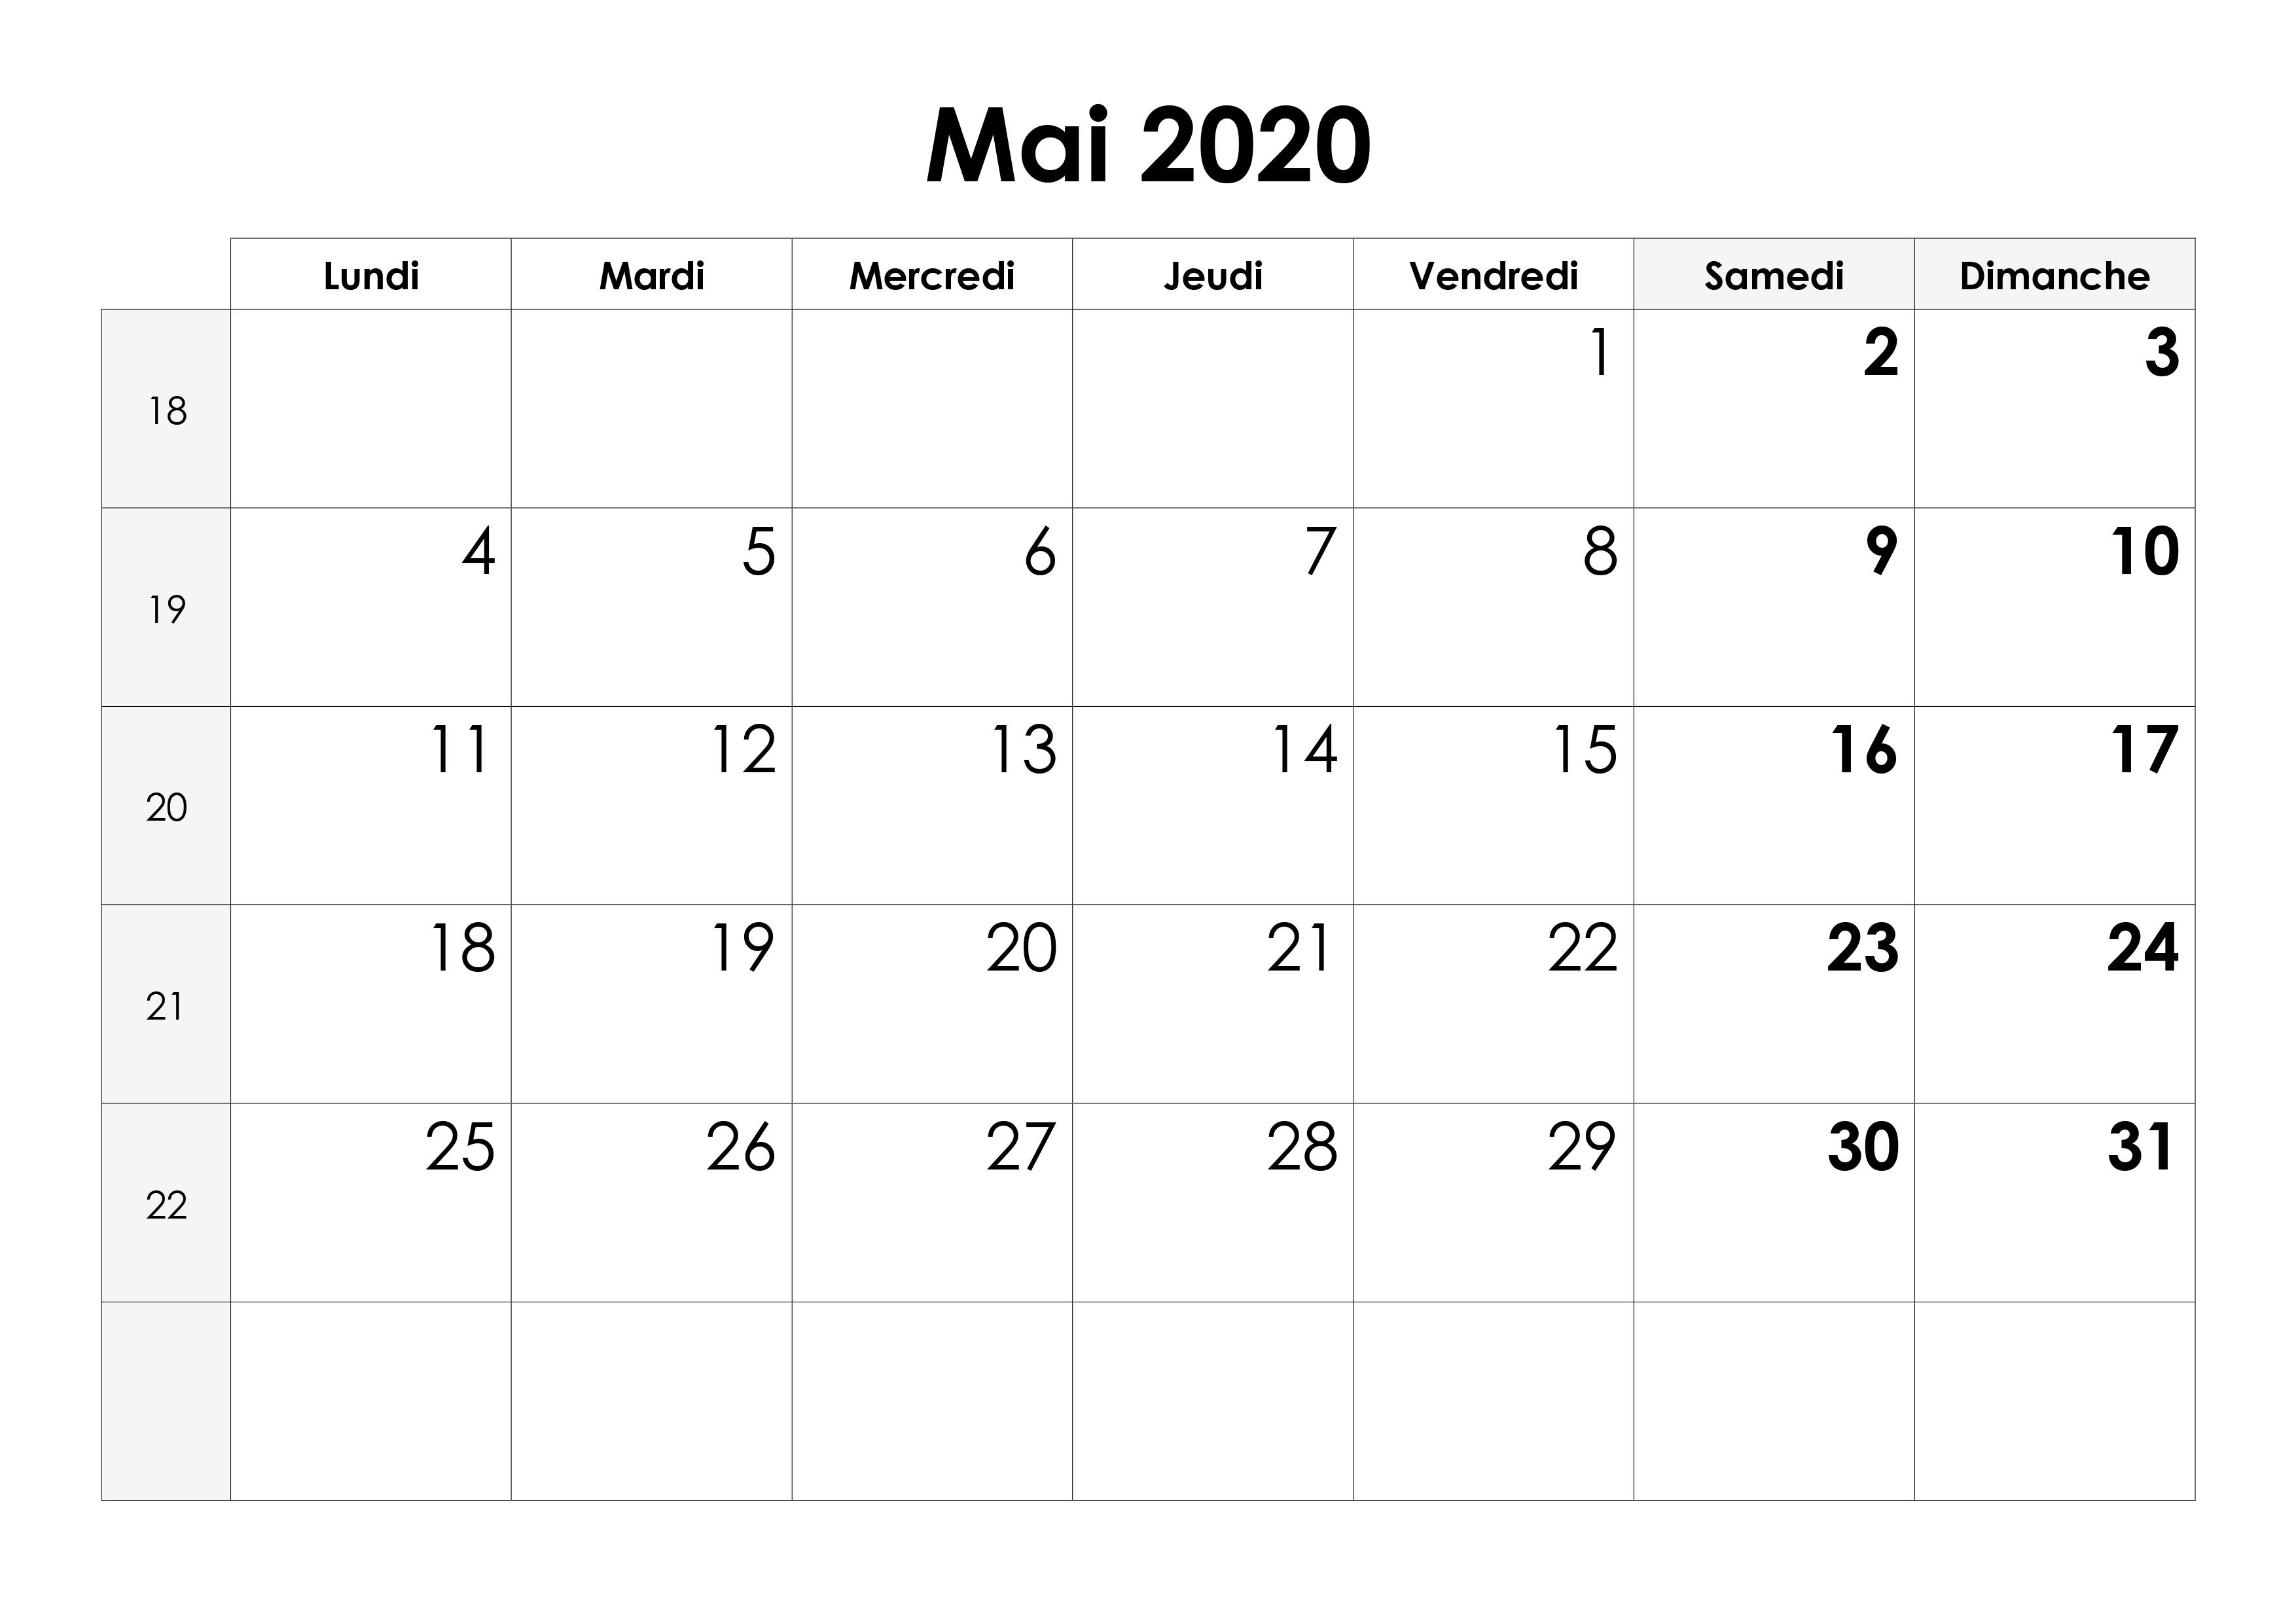 Calendrier Mai 2020 à Imprimer.Calendrier Mai 2020 Calendrier Su